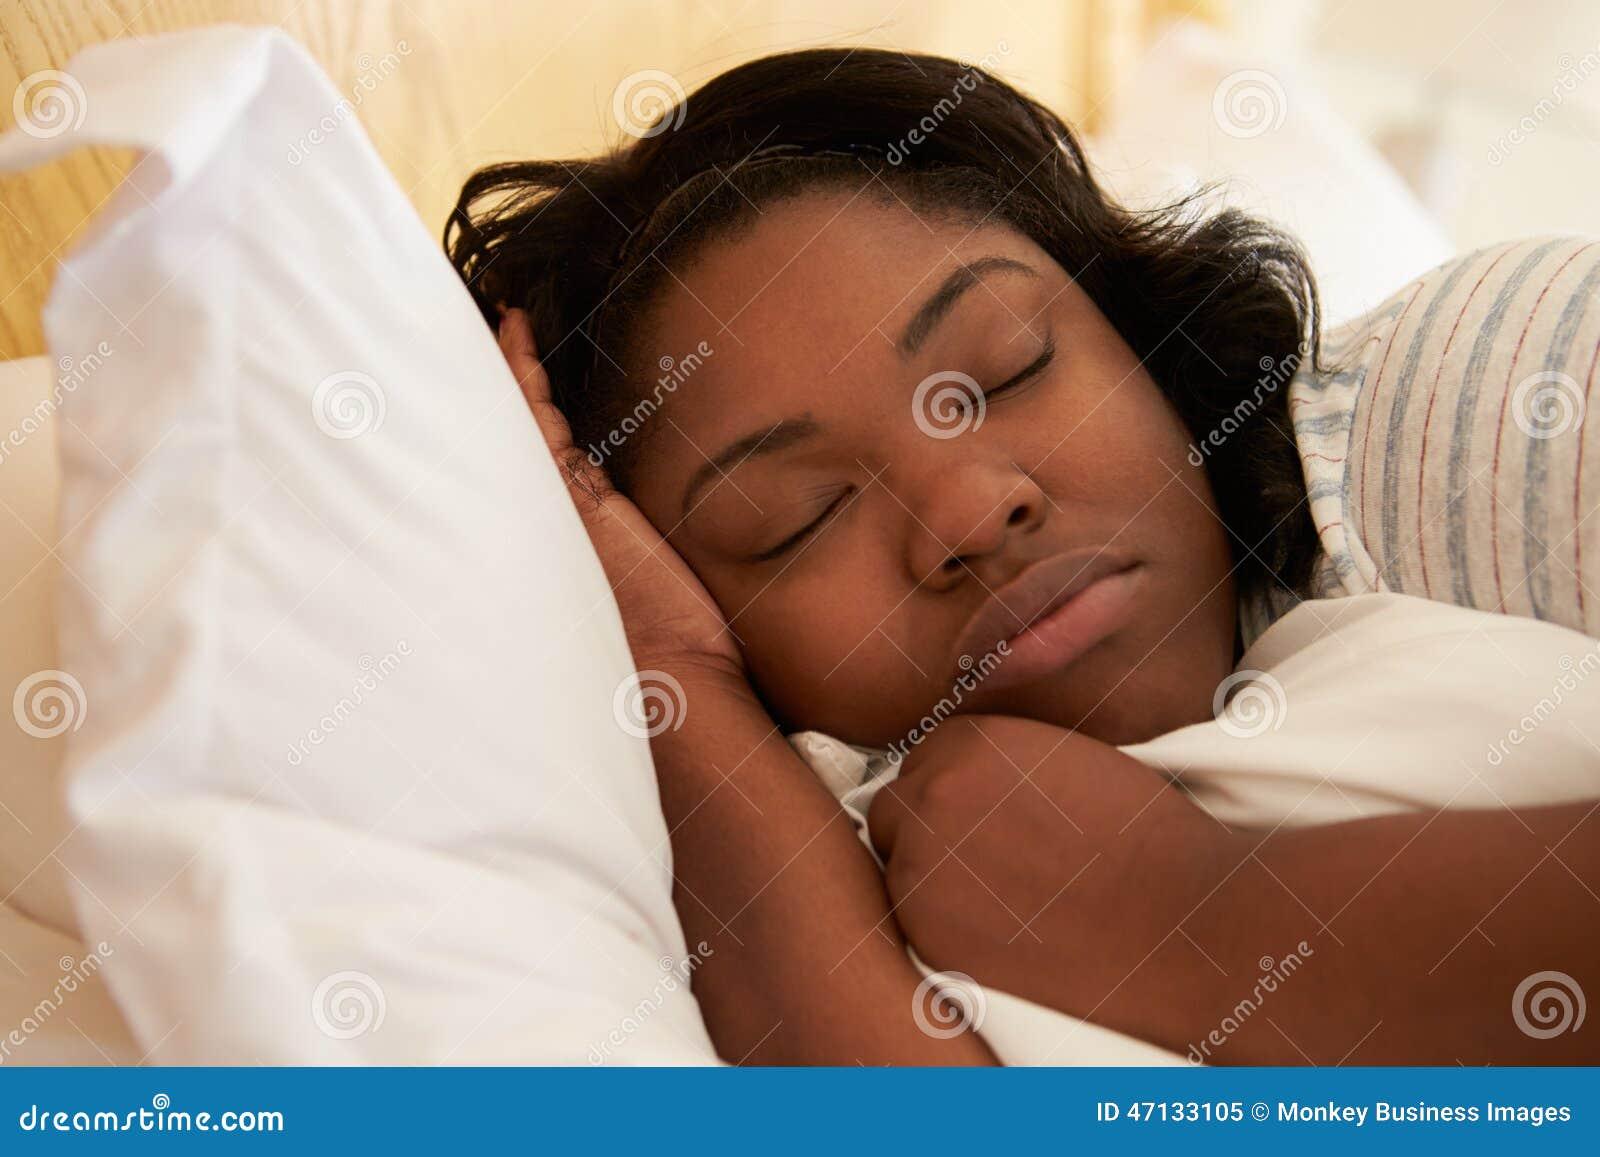 Фото полных в постели, Голые полненькие на фото и обнаженные полные 16 фотография